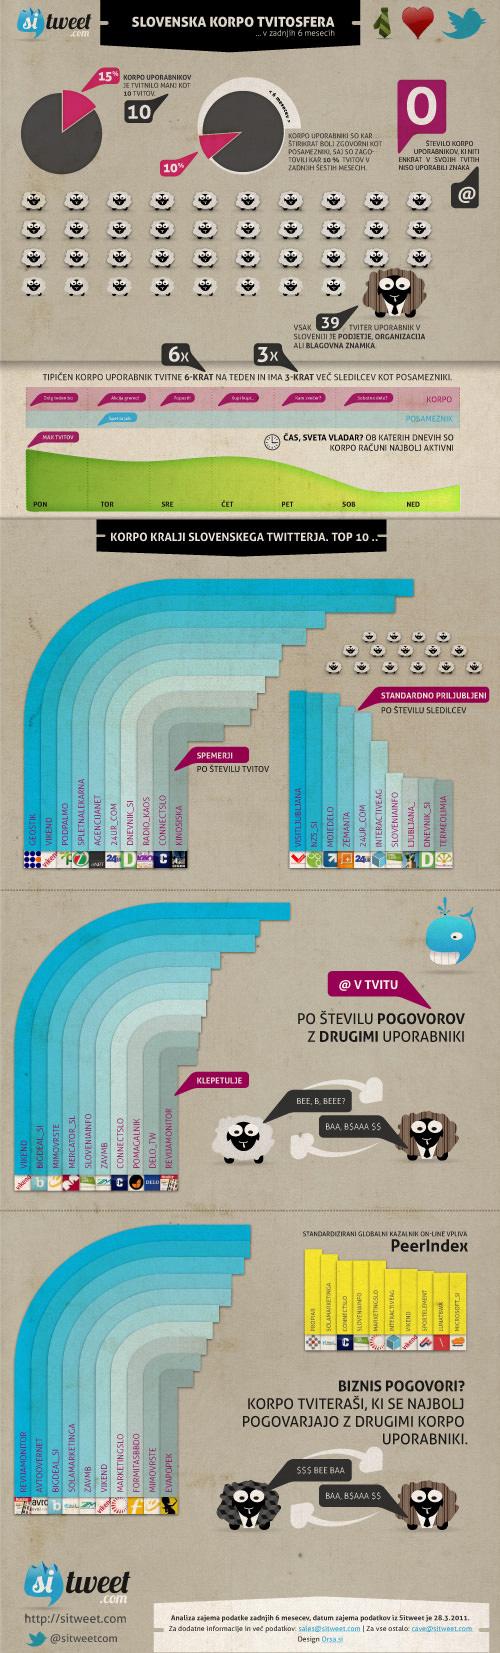 sitweet korpo tvitosfera Infografika, oz. informacijska grafika   kaj je to?